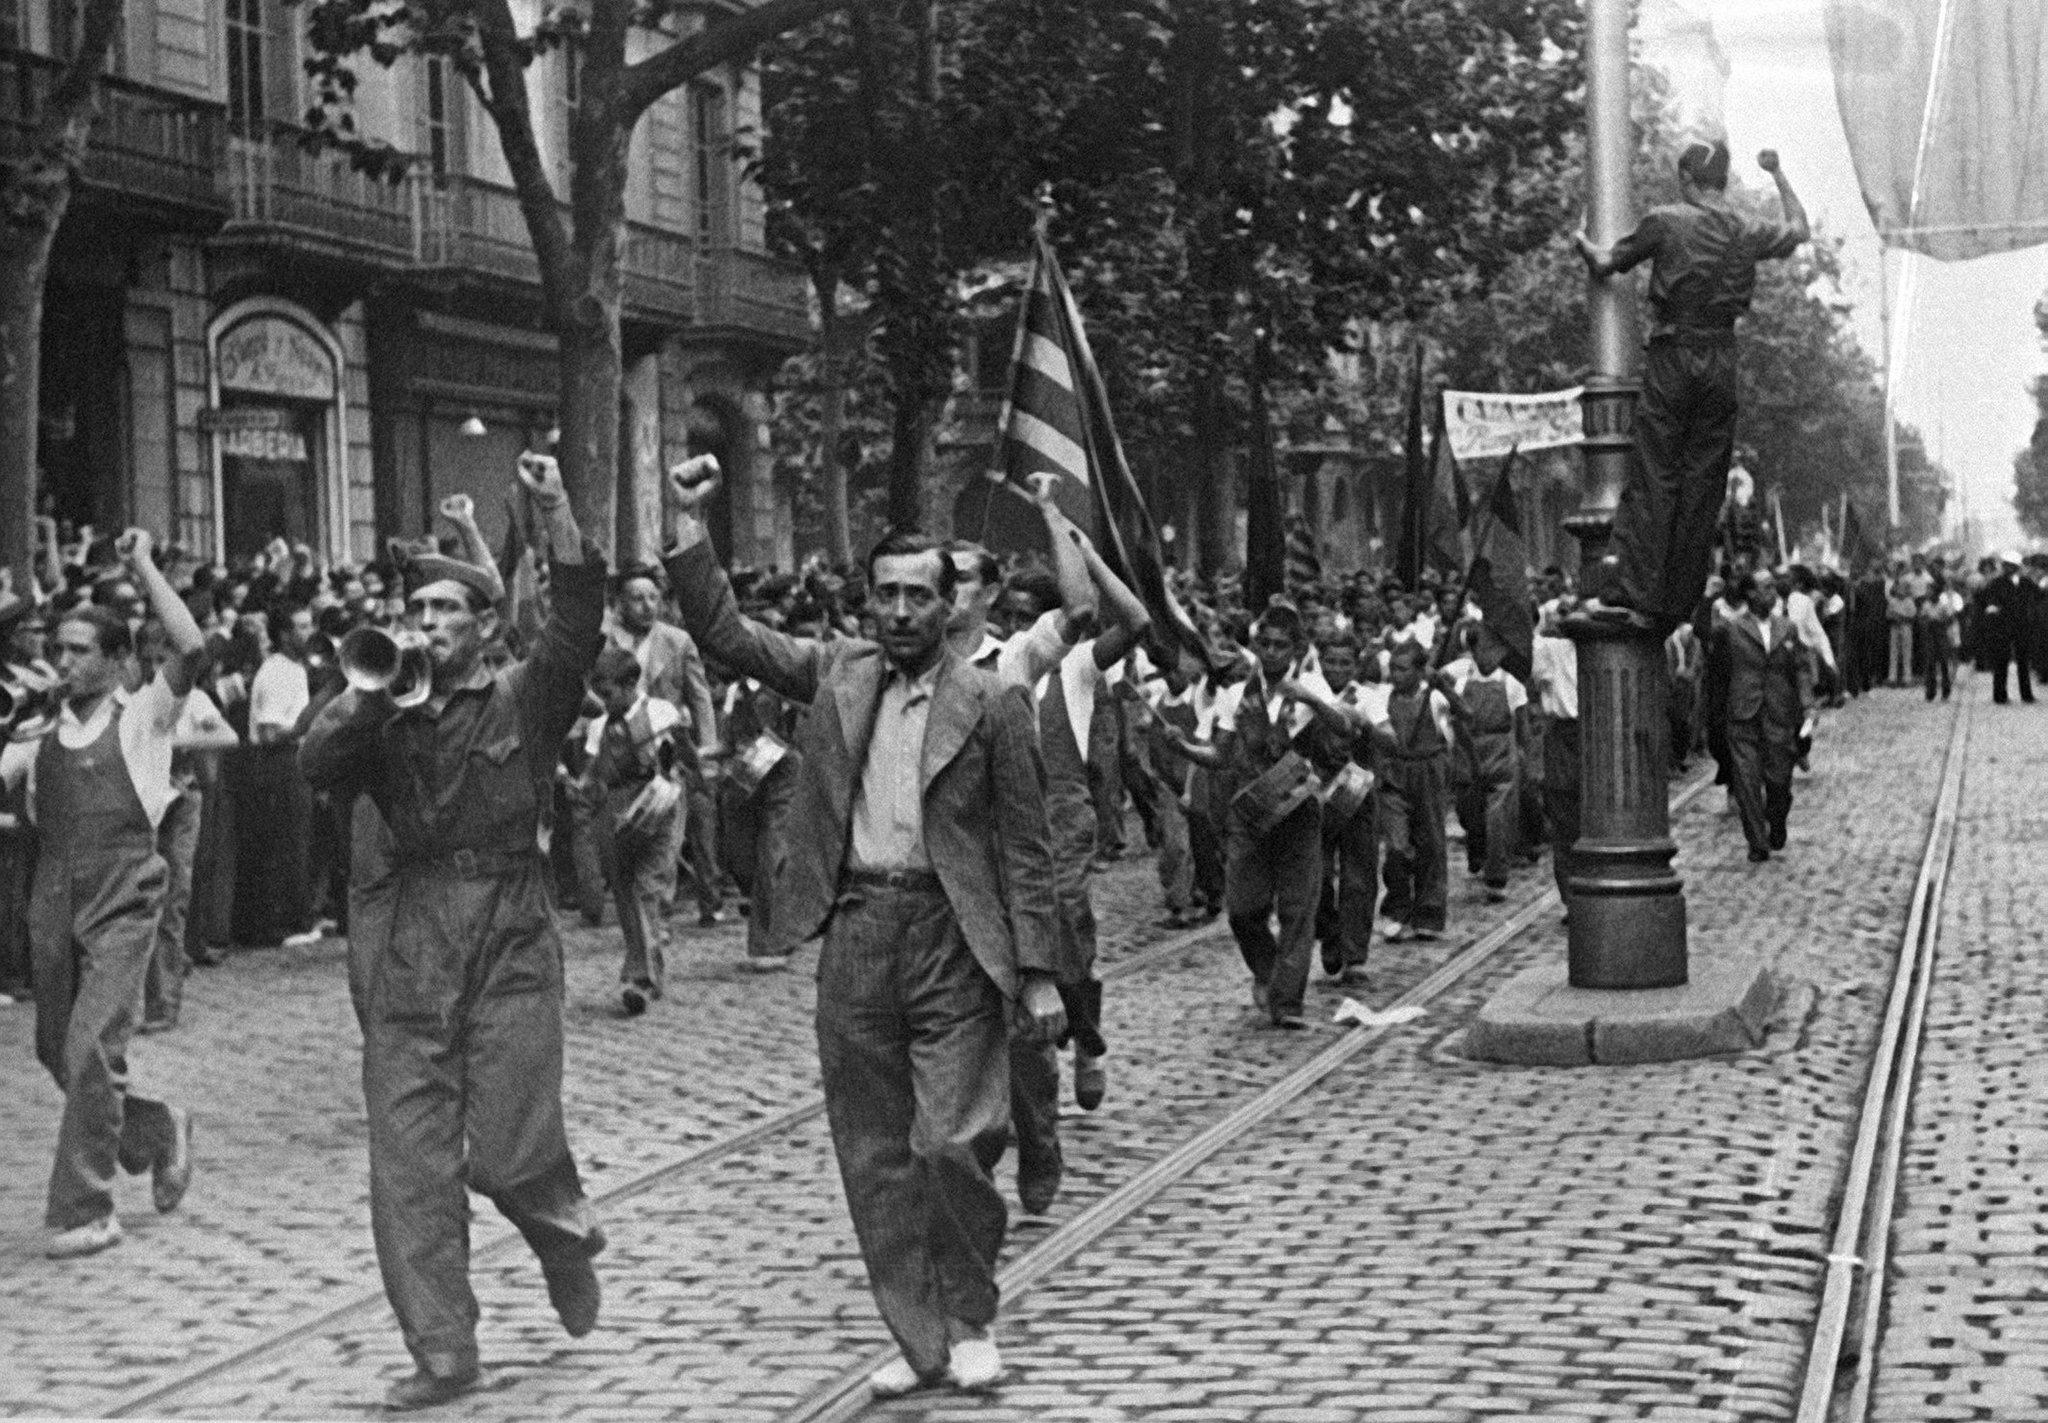 ÇEVİRİ | Franco diktatörlüğüne karşı savaşan Katalan mücadele emekçileri anlatıyor